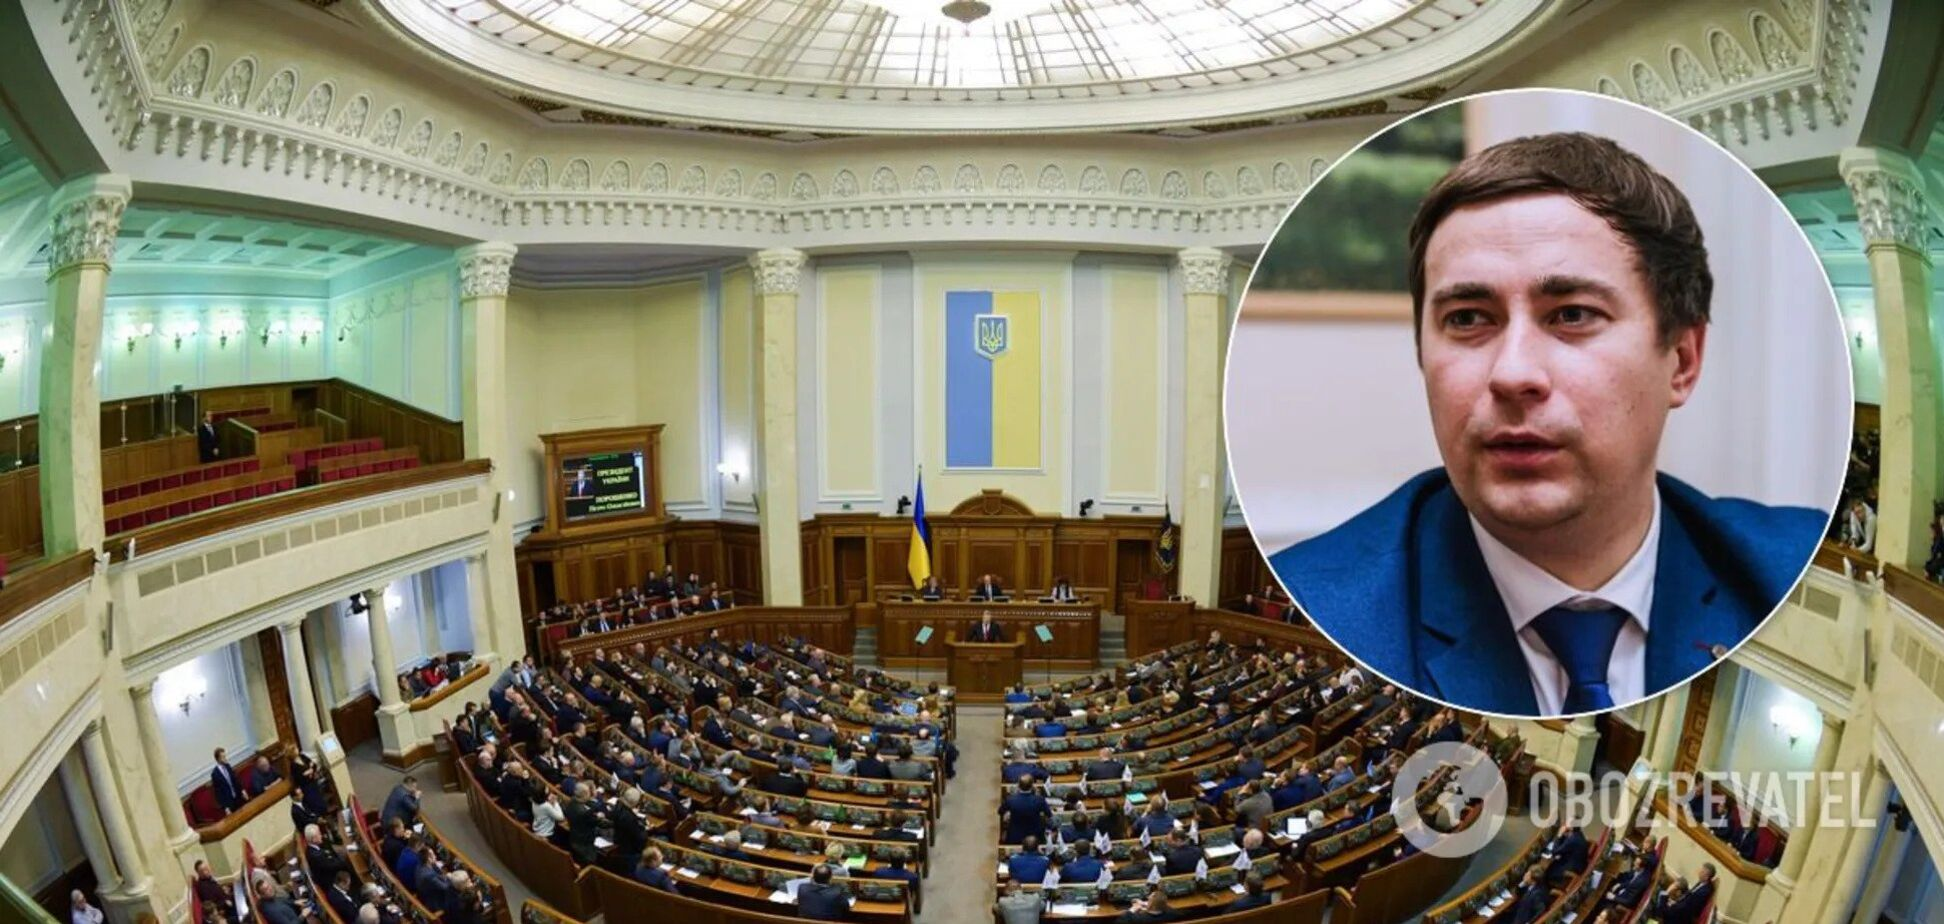 Министра аграрной политики Лещенко призвали не поддерживать агрогиганта 'Кернел'